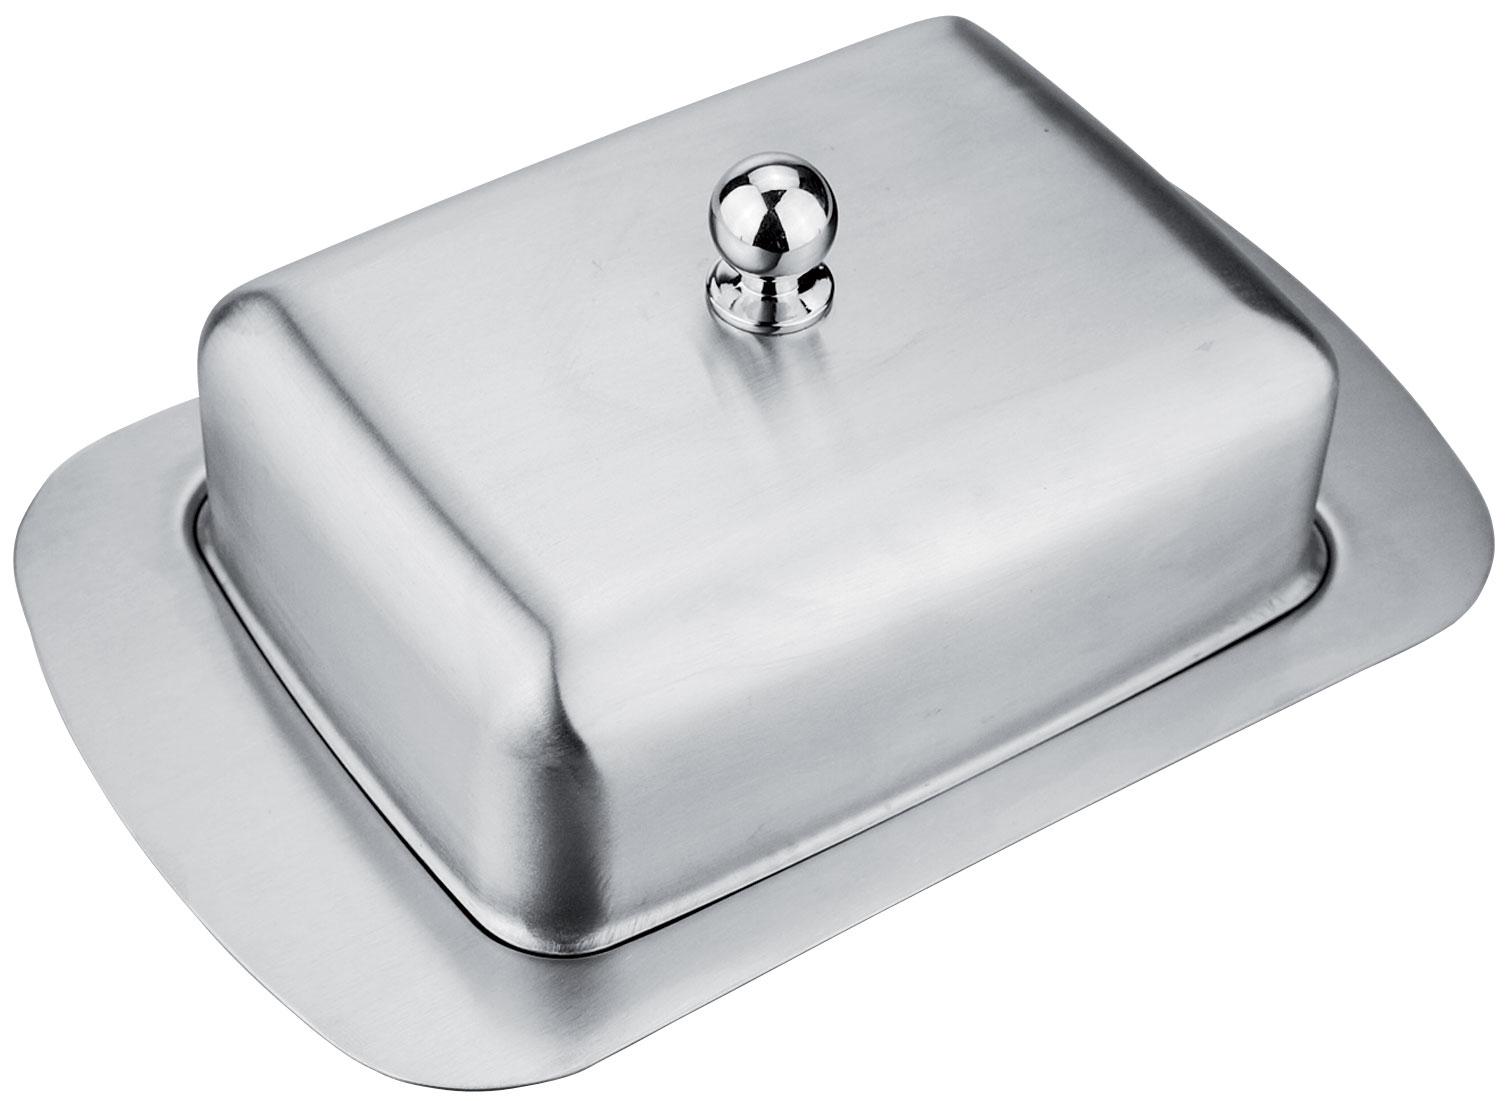 Масленка Rainstahl, 18,8х12,2х7,7 см. 8410RS\BD8410RS\BDМасленка из нержавеющей стали со стальной крышкой. Размер 18,8х12,2х7,7 см.